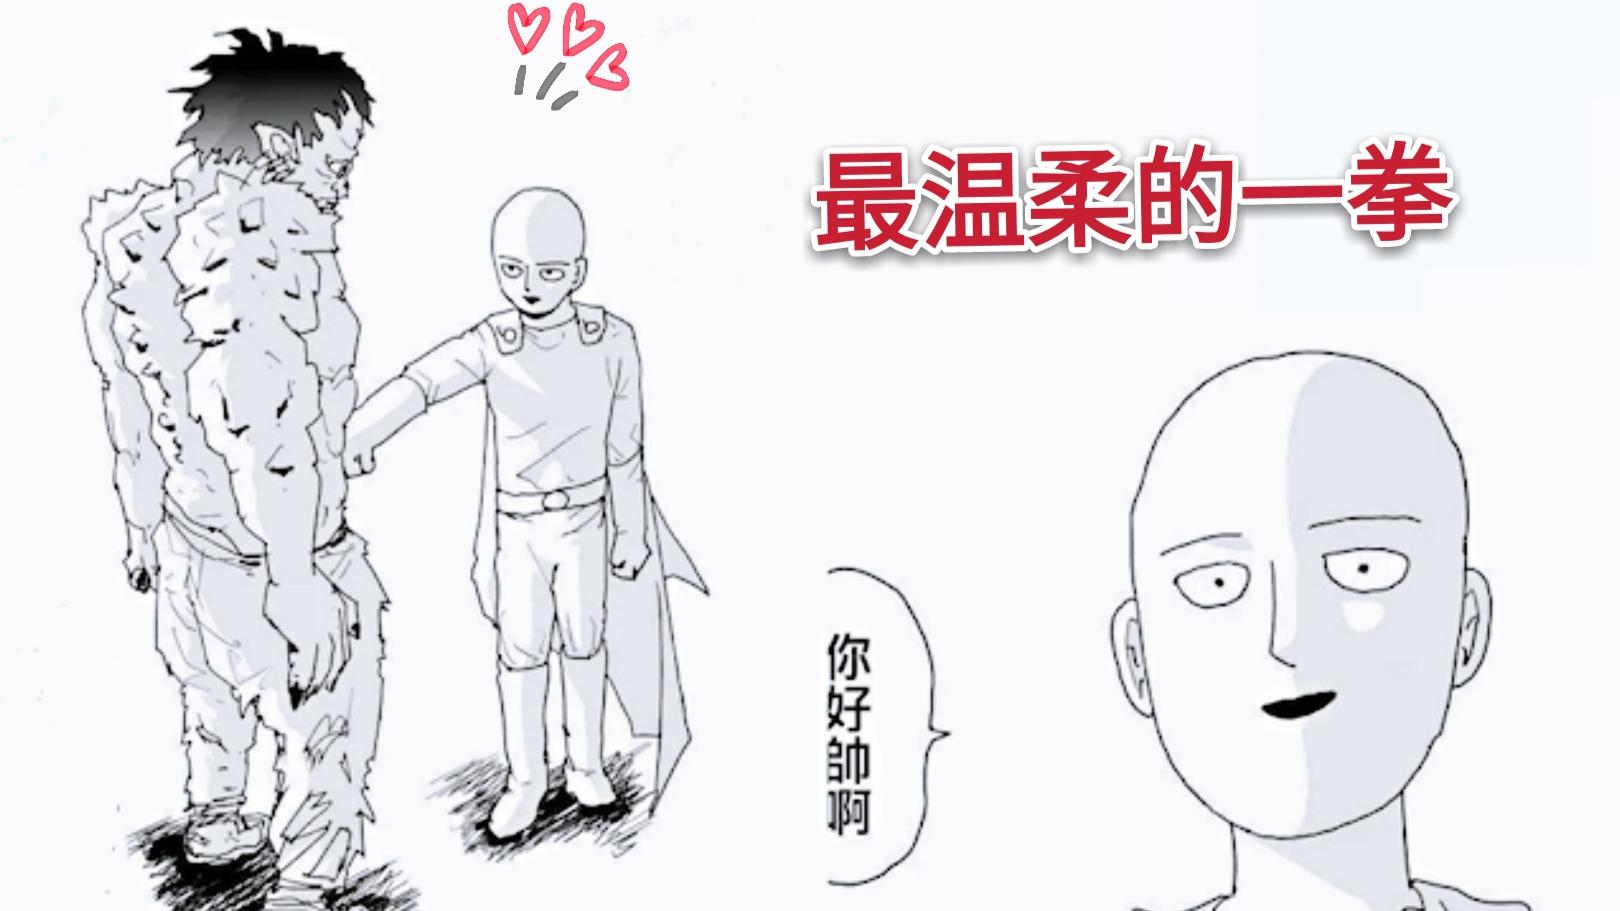 【一拳超人】原作32:埼玉眼中的英雄!温柔的一拳是我的证明!